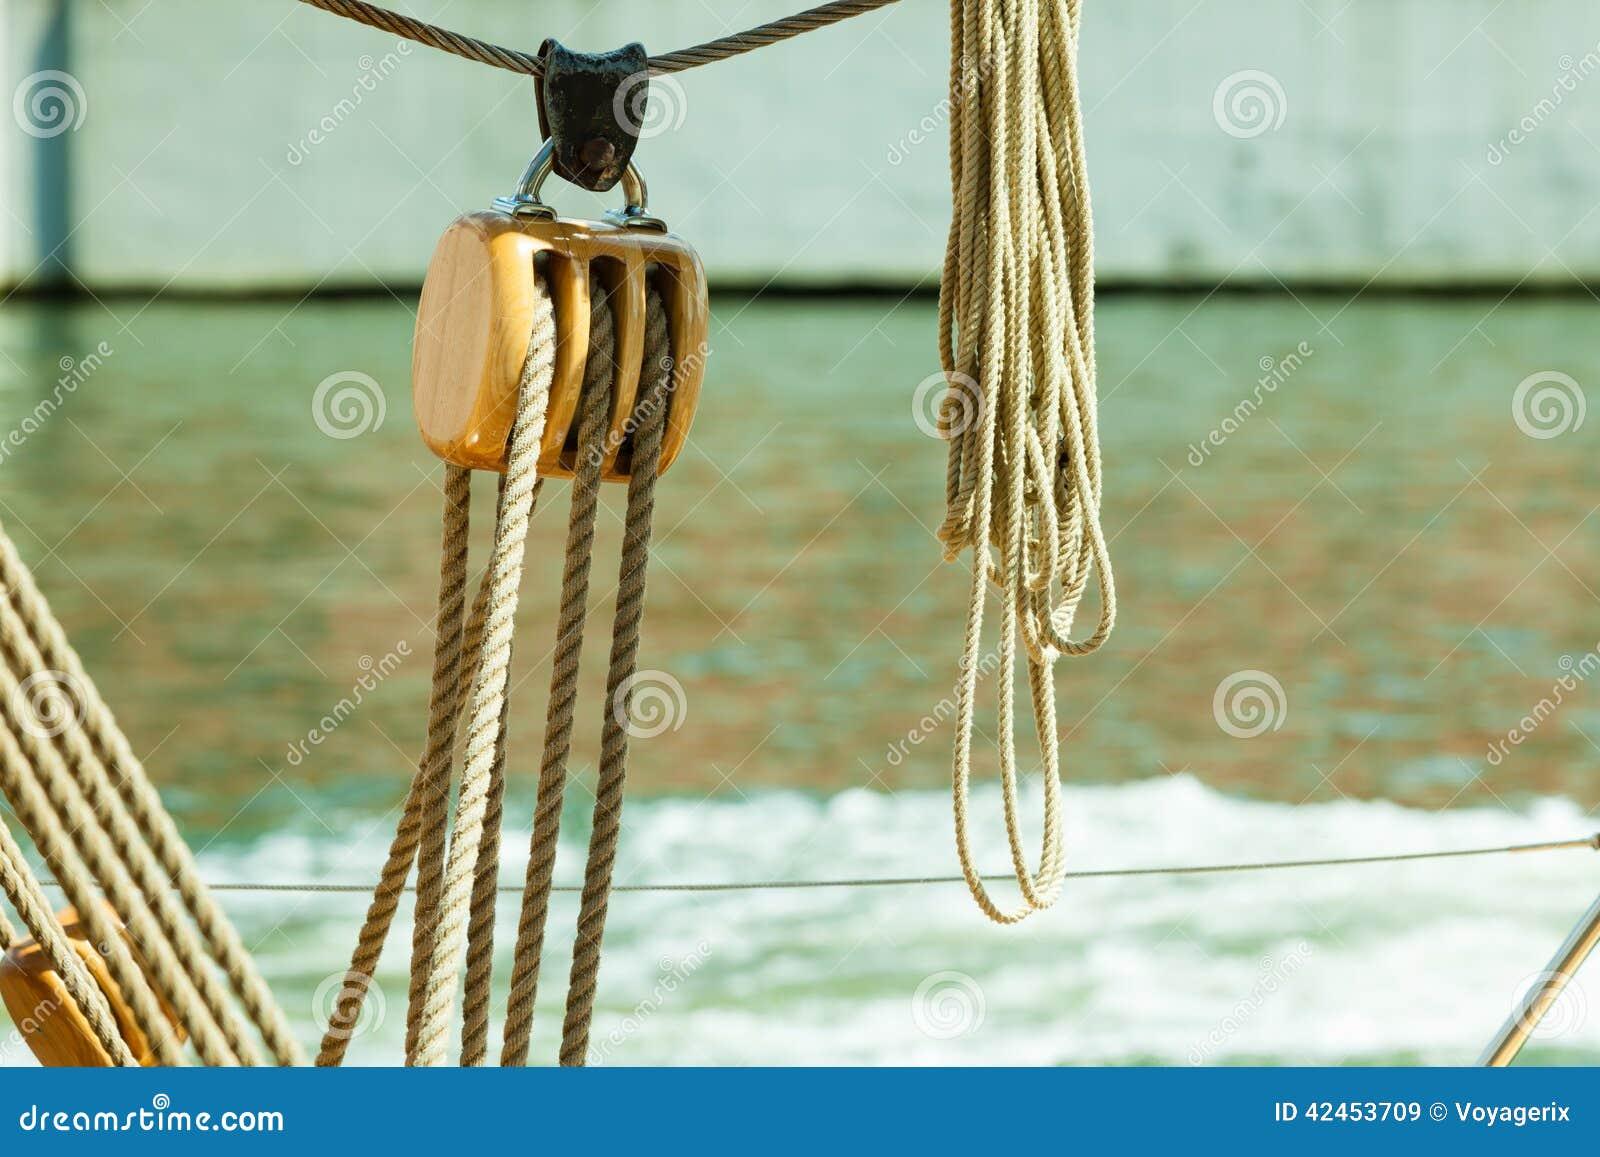 Yachting Block mit Seil Detail eines Segelboots